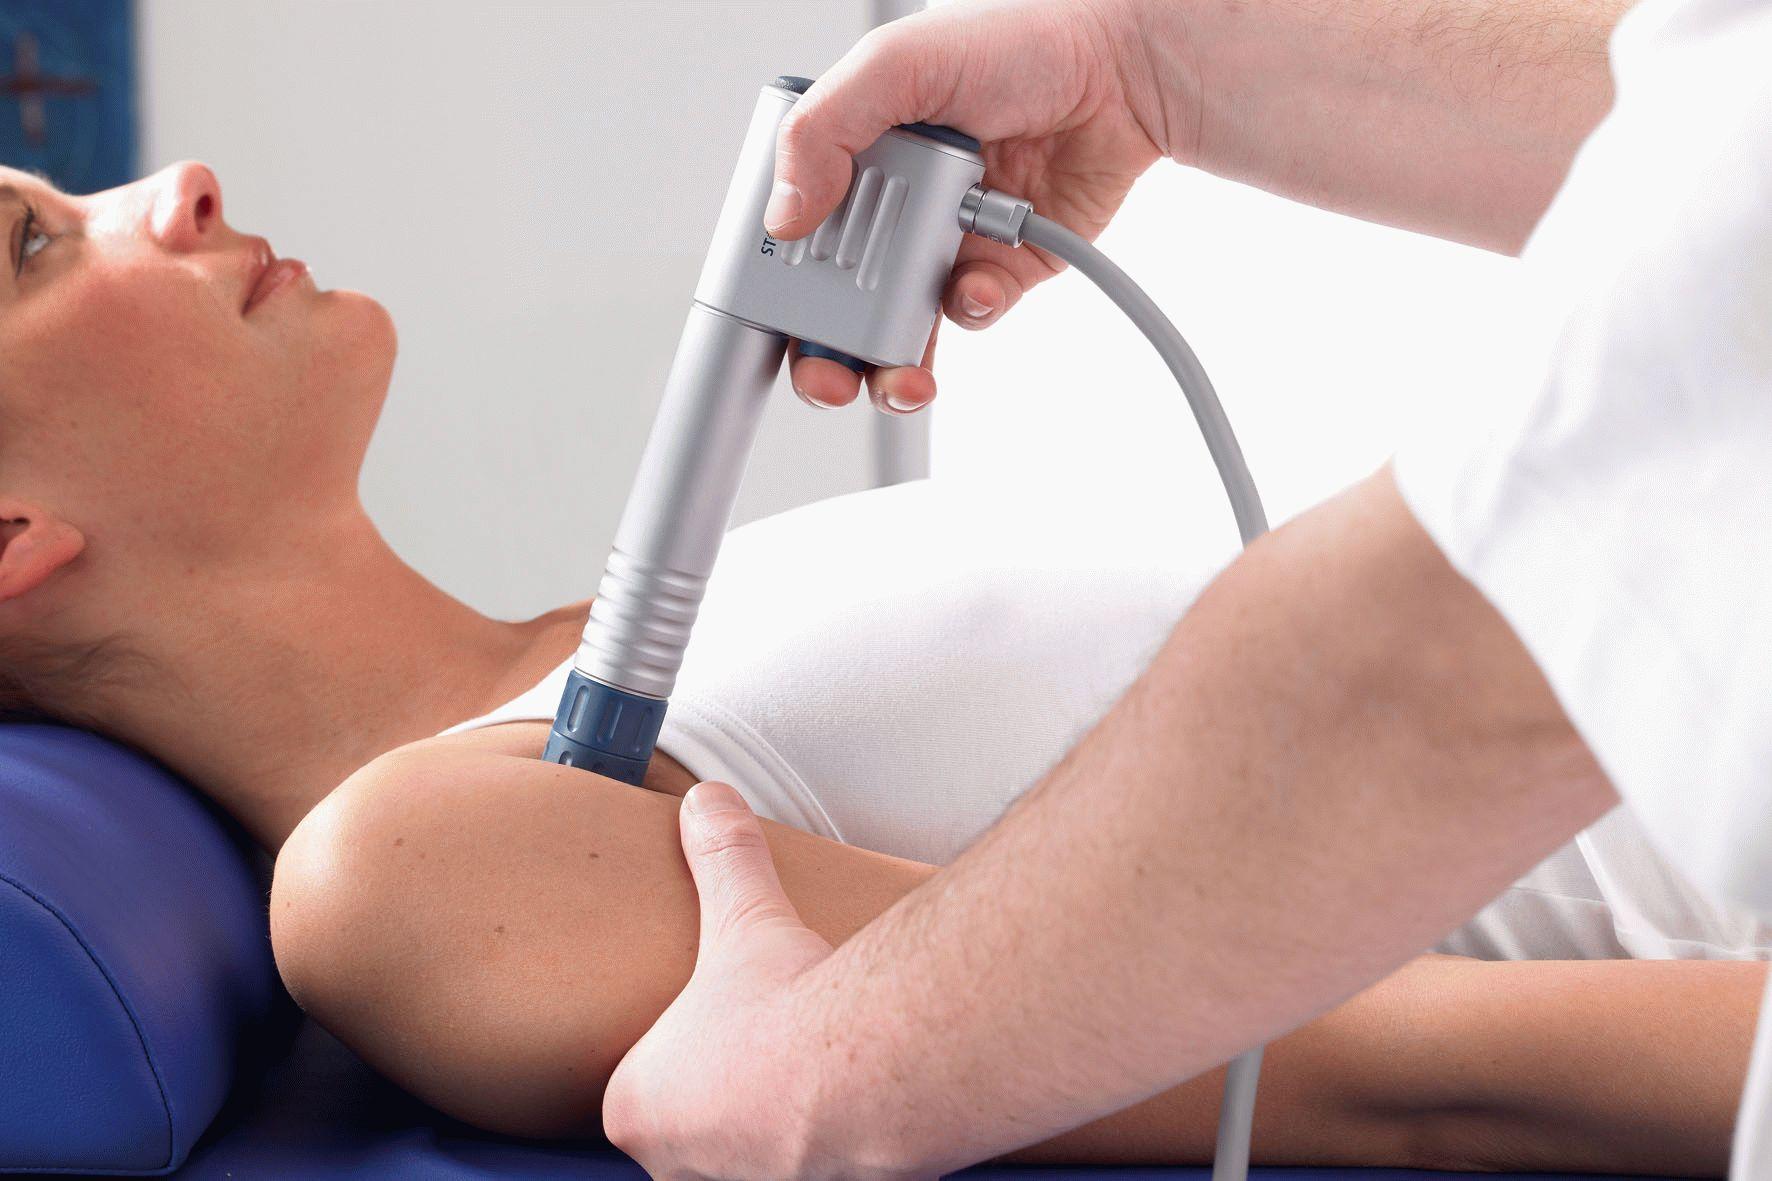 лечение бурсита ударно-волновой терапией